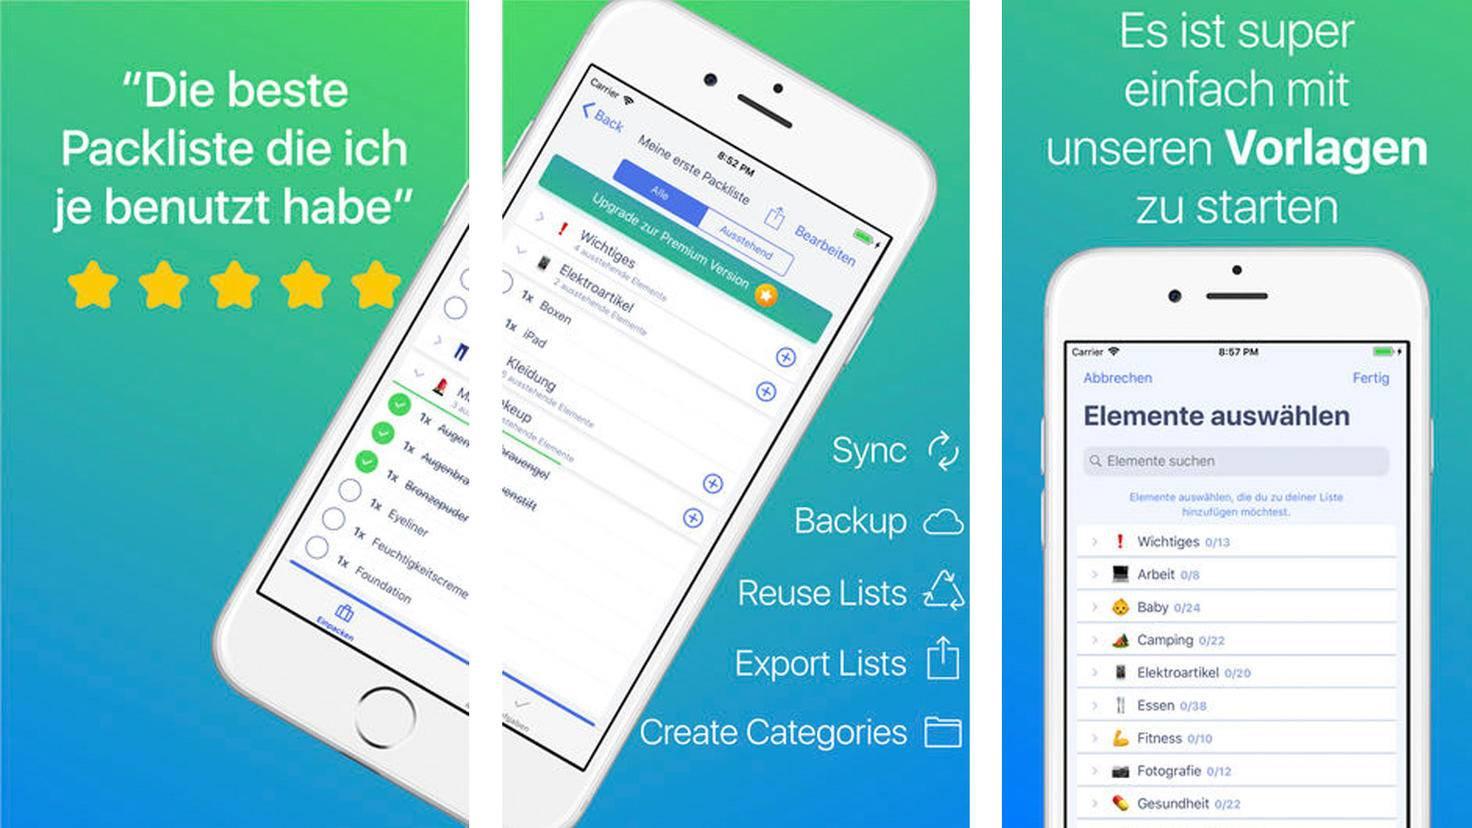 Packliste Checkliste Kofferpacken-App